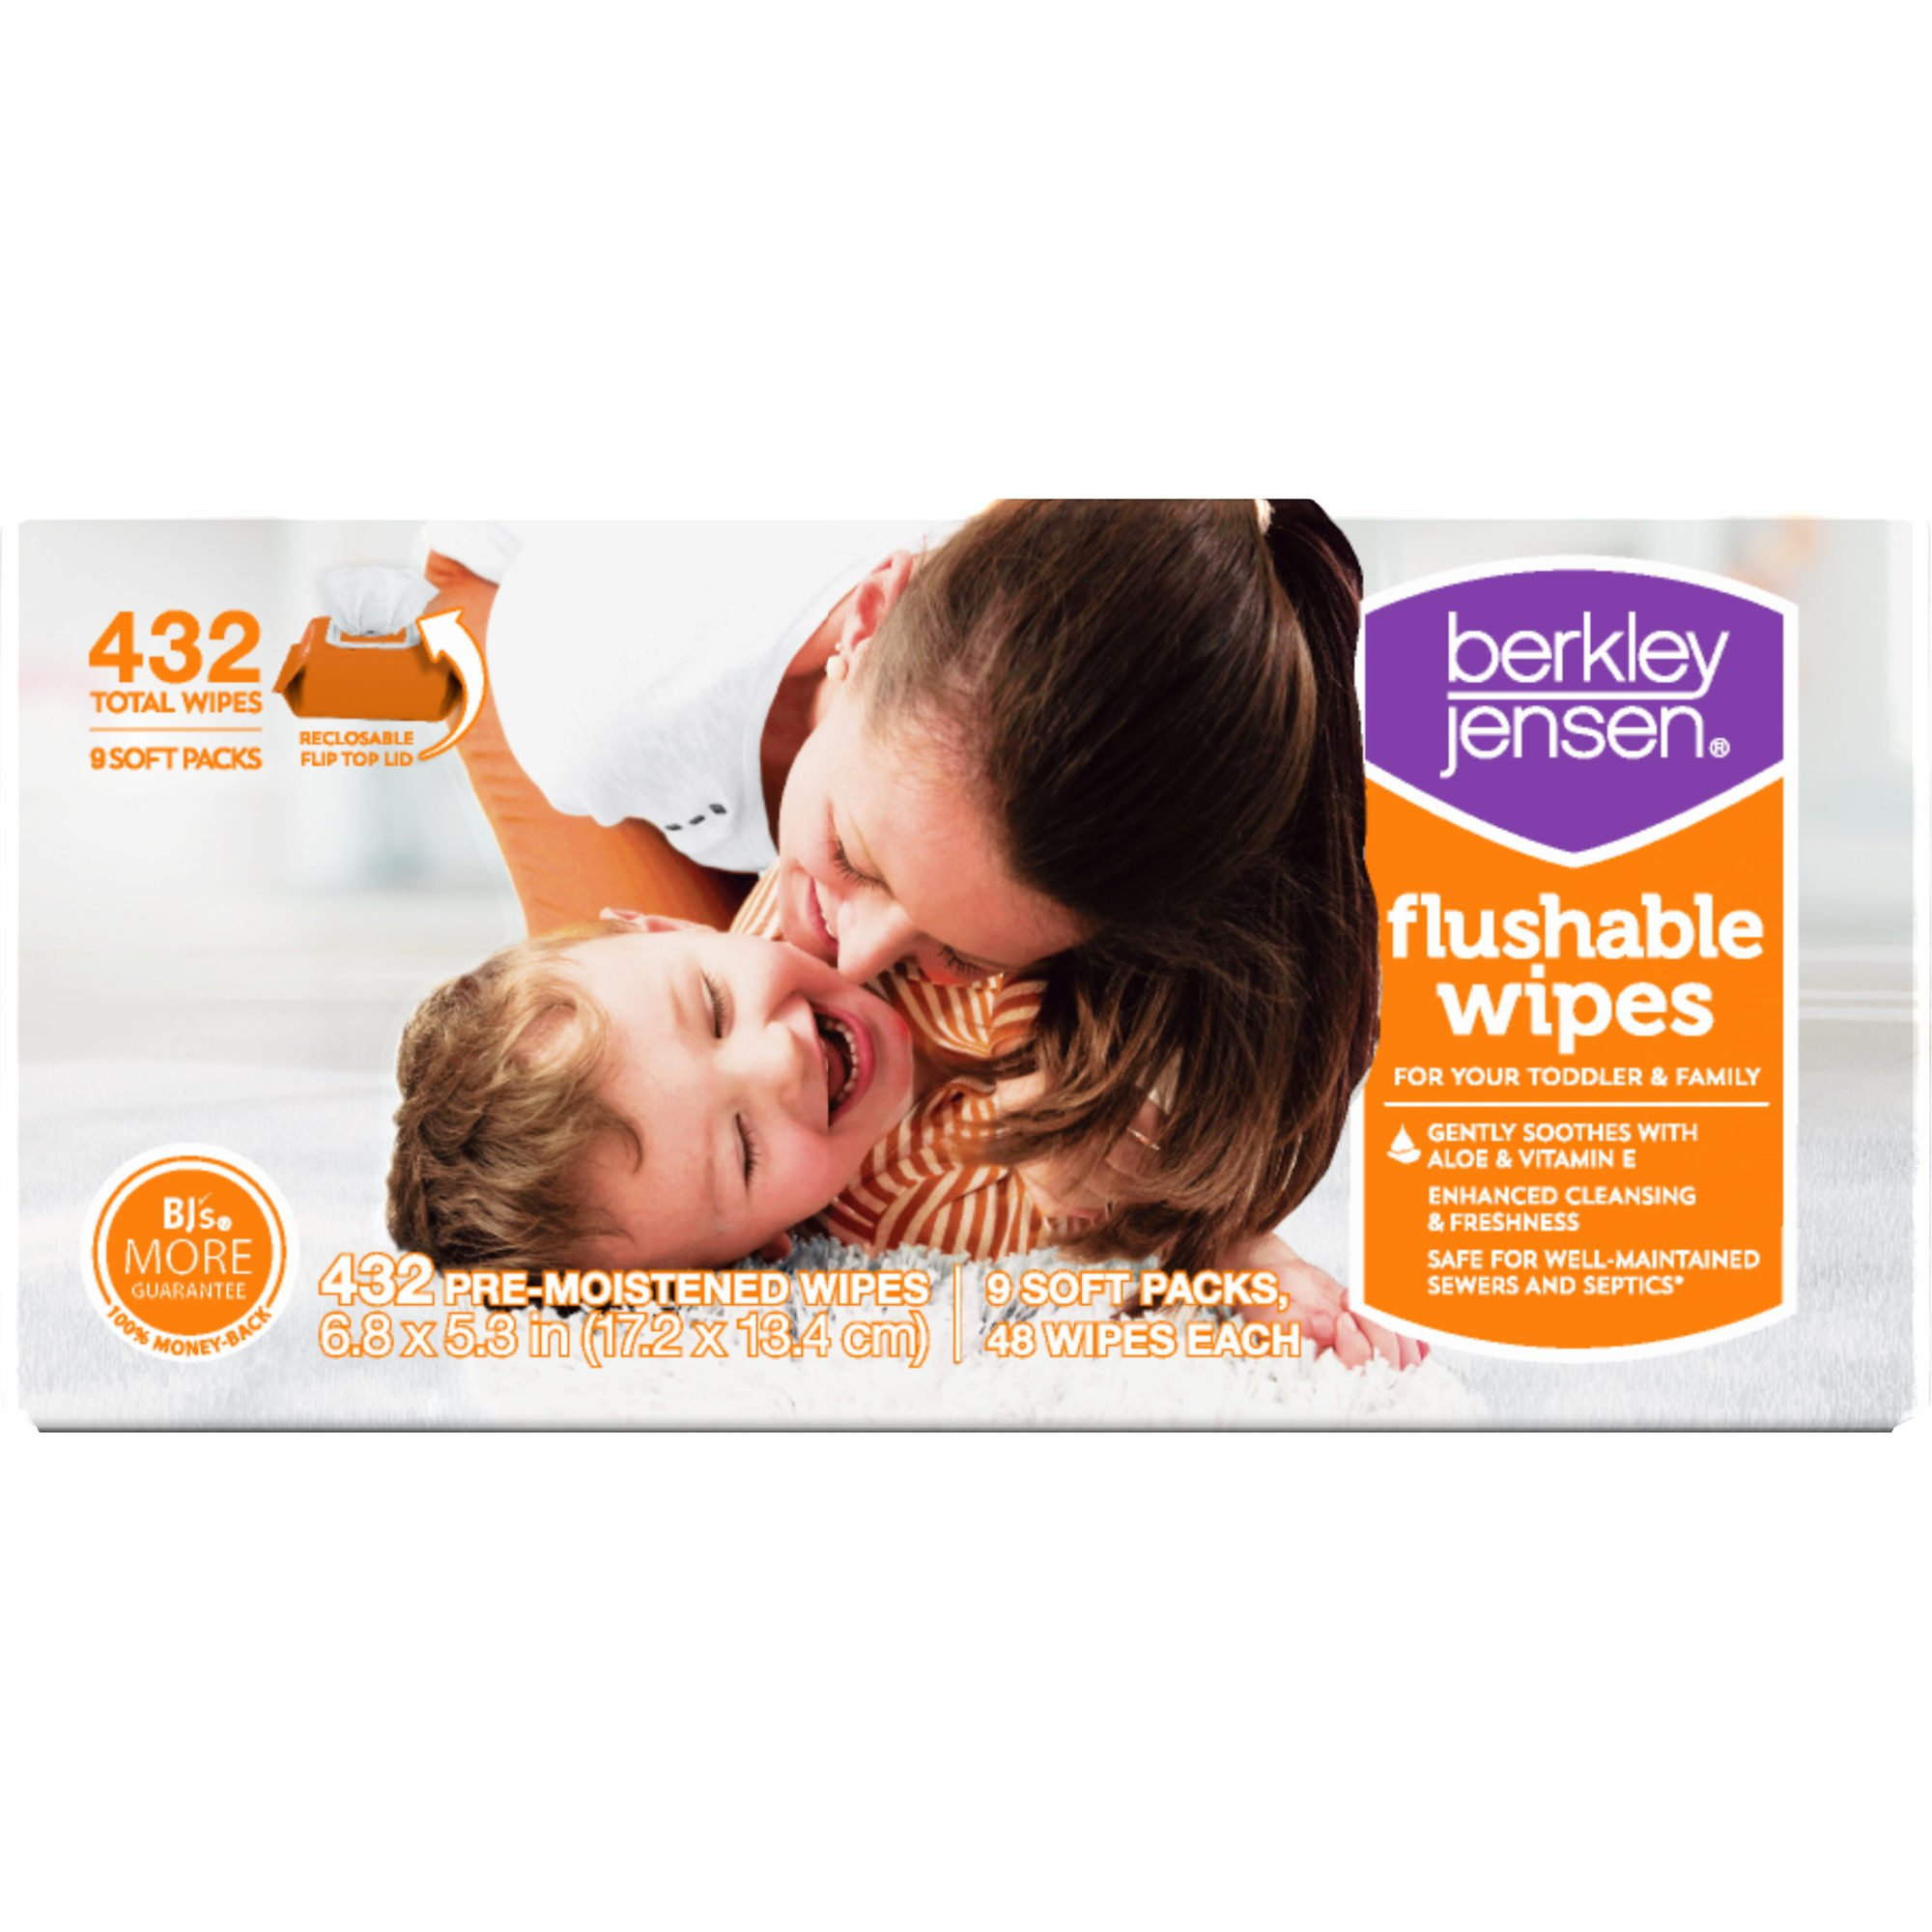 Berkley Jensen Family & Toddler Moist Flushable Wipes, 432 ct. (pack of 6)